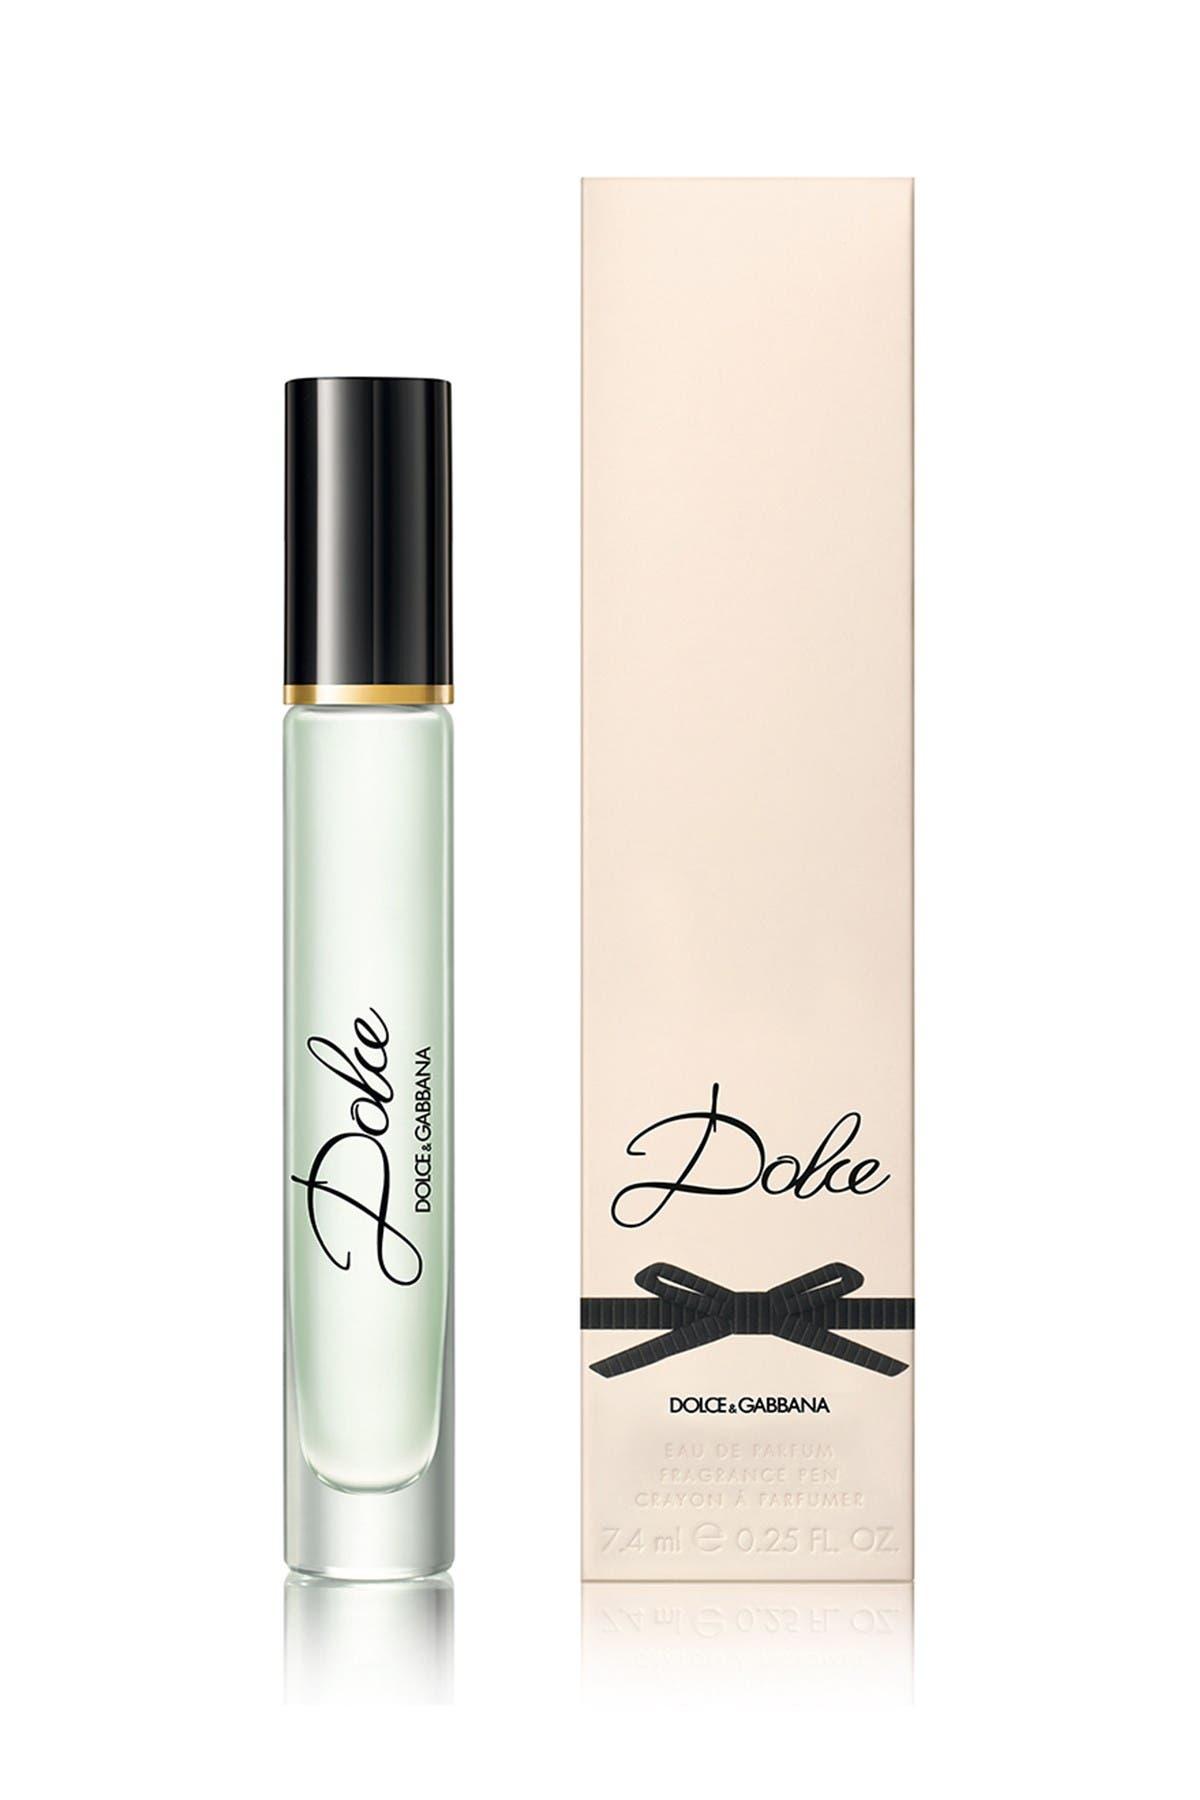 Image of D&G Dolce Eau de Parfum Rollerball - 7.4 ml.